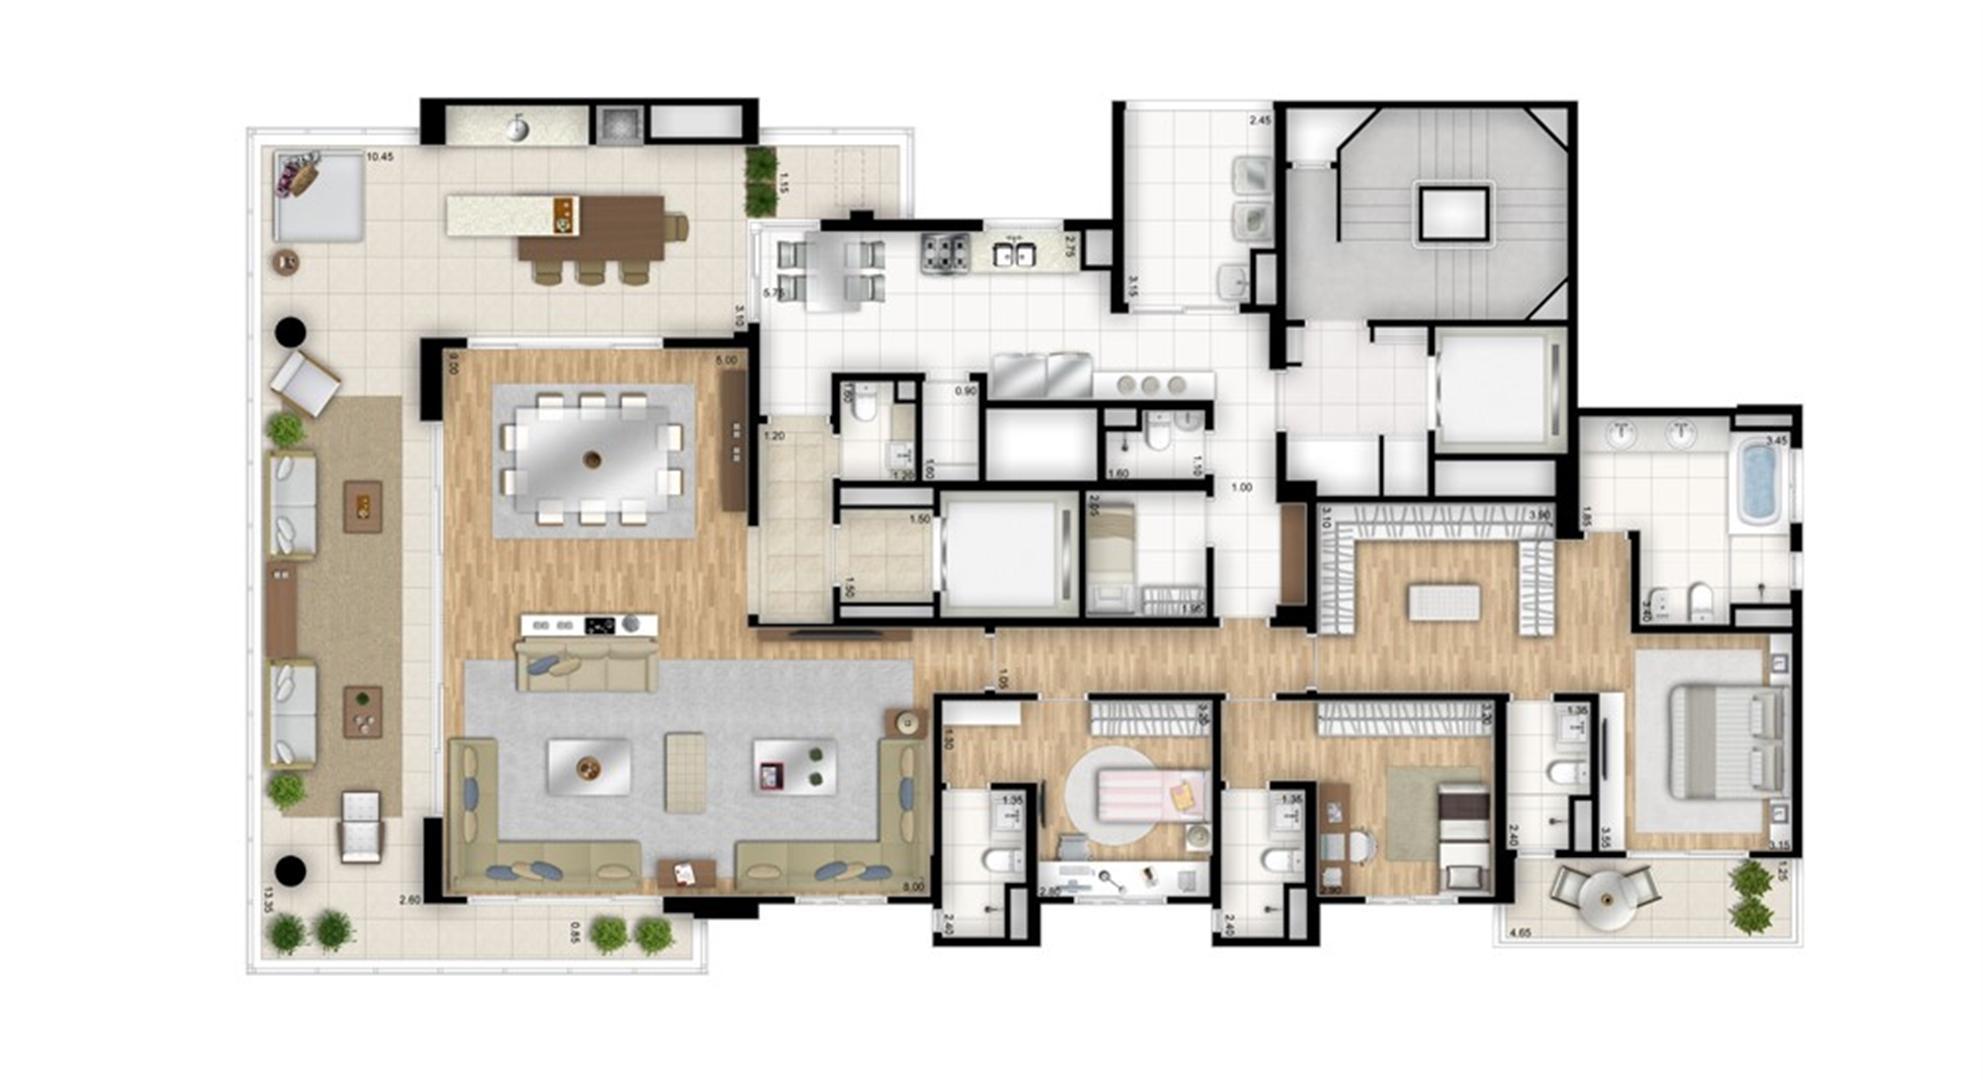 Planta tipo opção 3 suítes com sala de banho na suíte master - sala ampliada - Torre Bianco | Cyrela Essenza Moema – Apartamento em  Moema - São Paulo - São Paulo